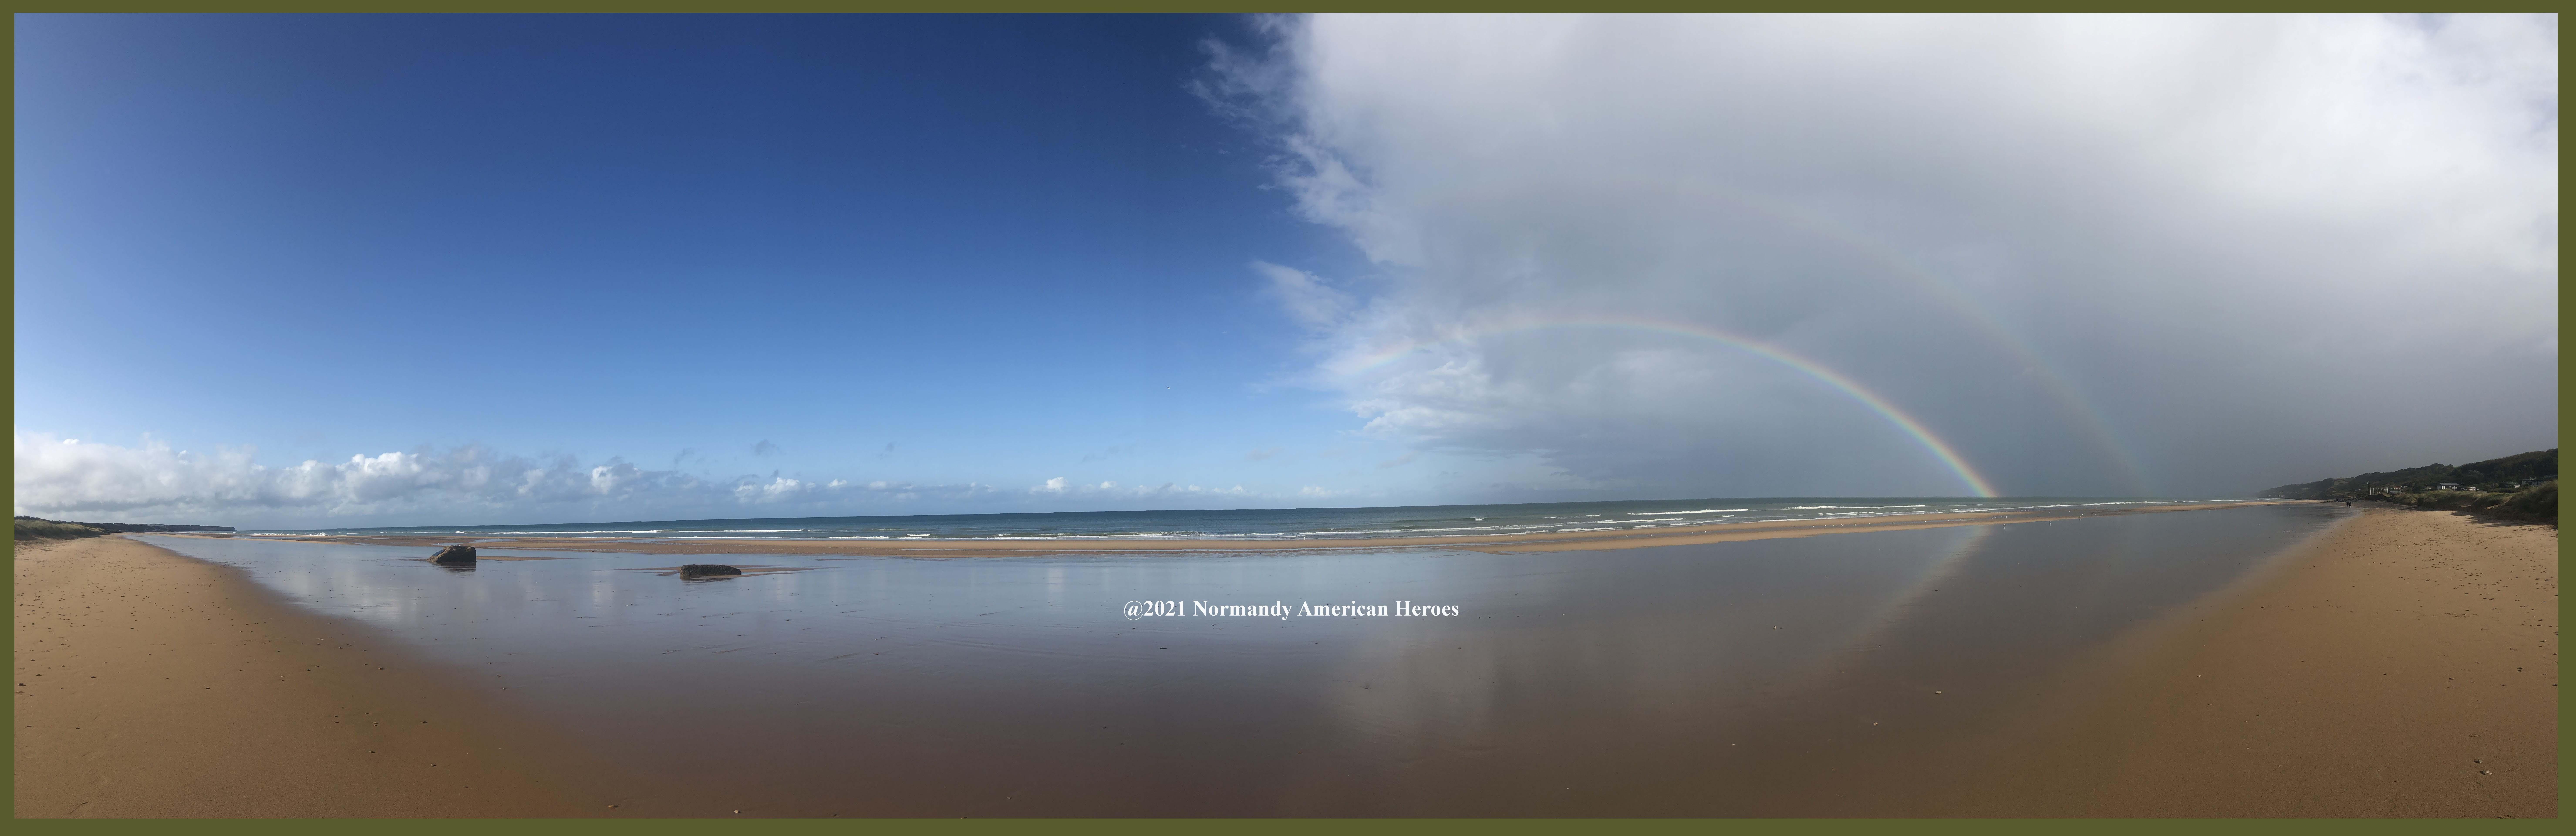 Normandy Omaha beach rainbow 1